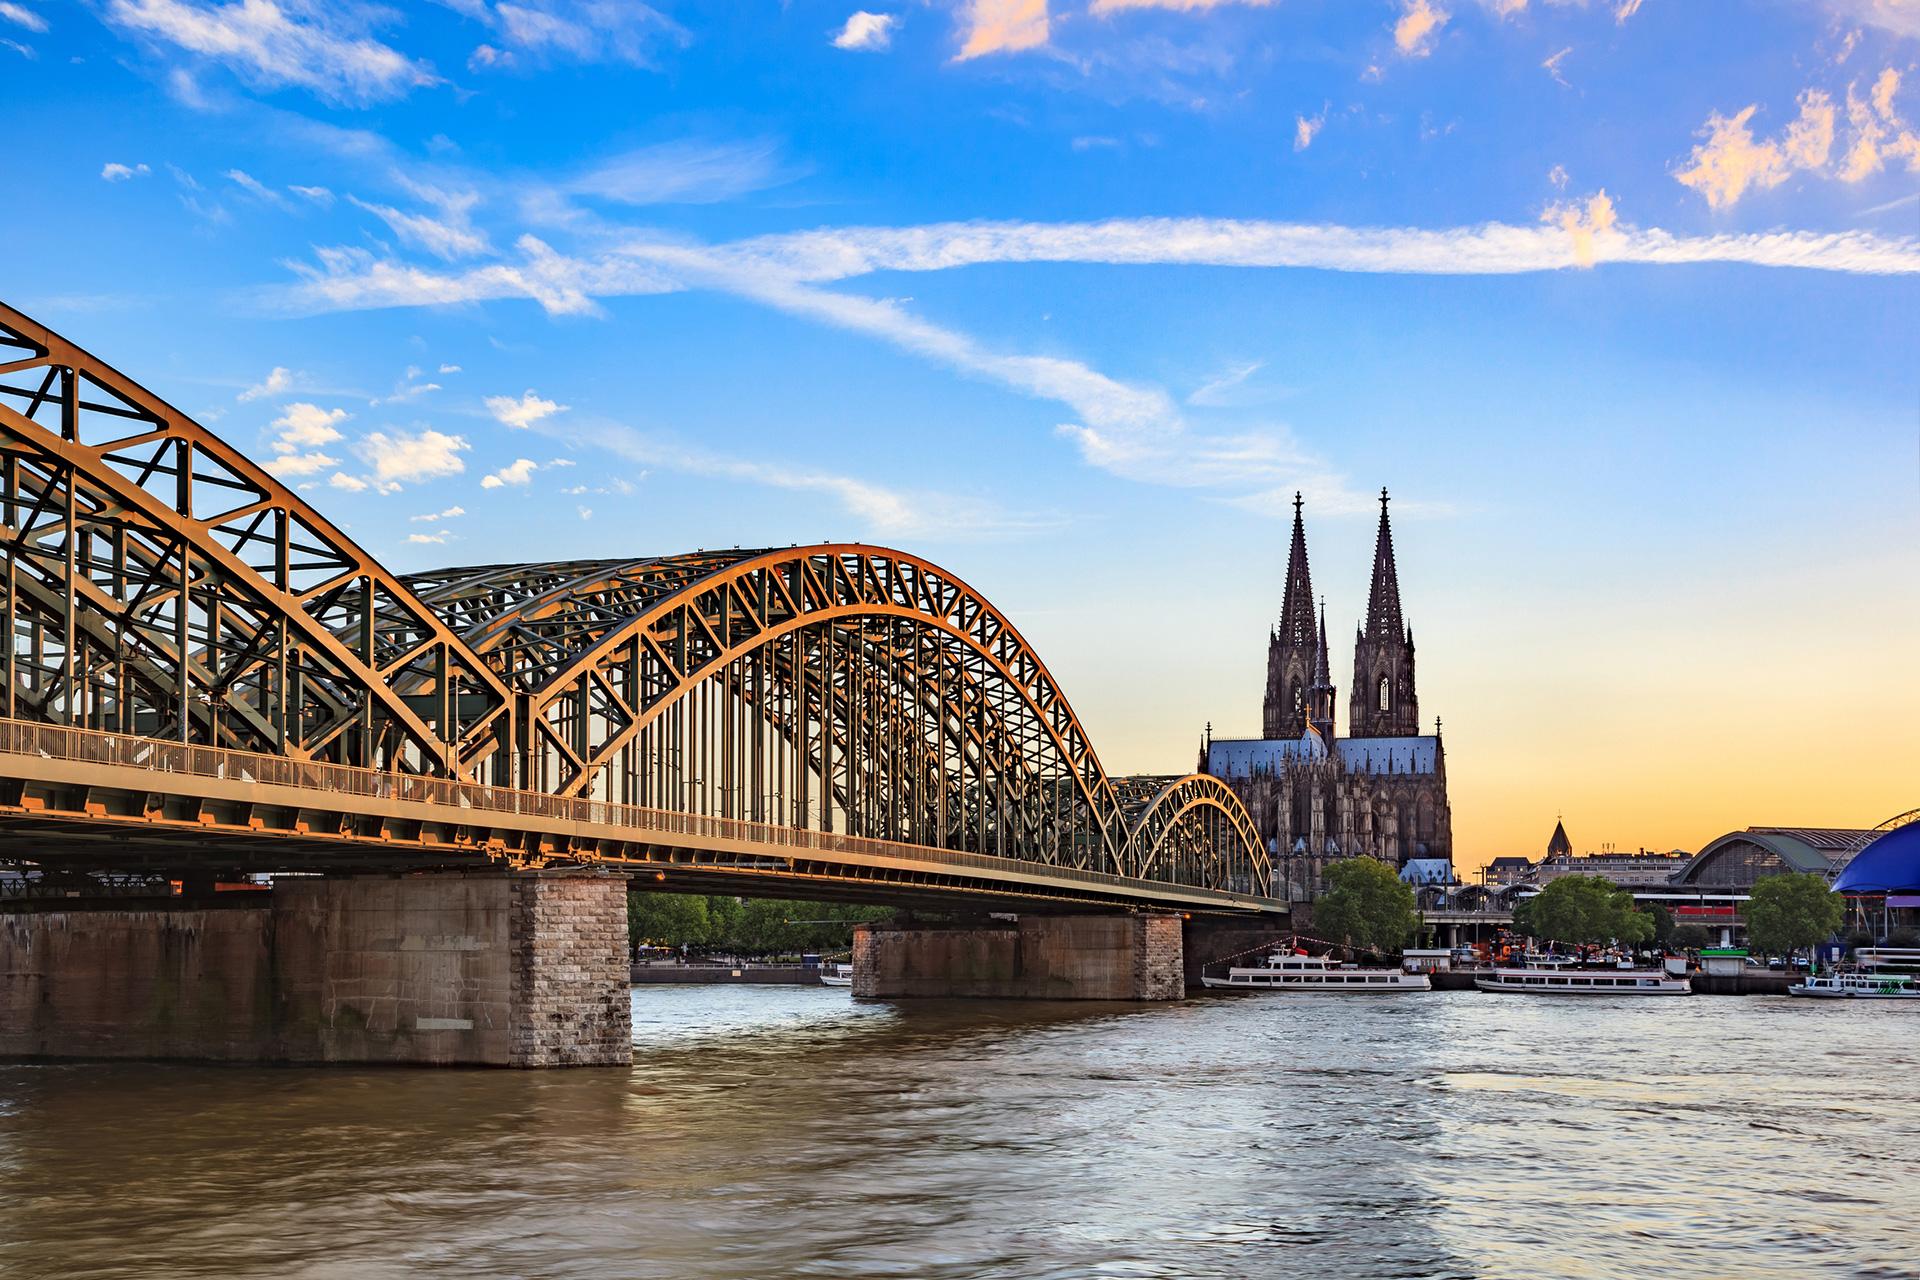 【欧洲内河游轮】莱茵河-德国法国荷兰比利时卢森堡五国13日游轮之旅